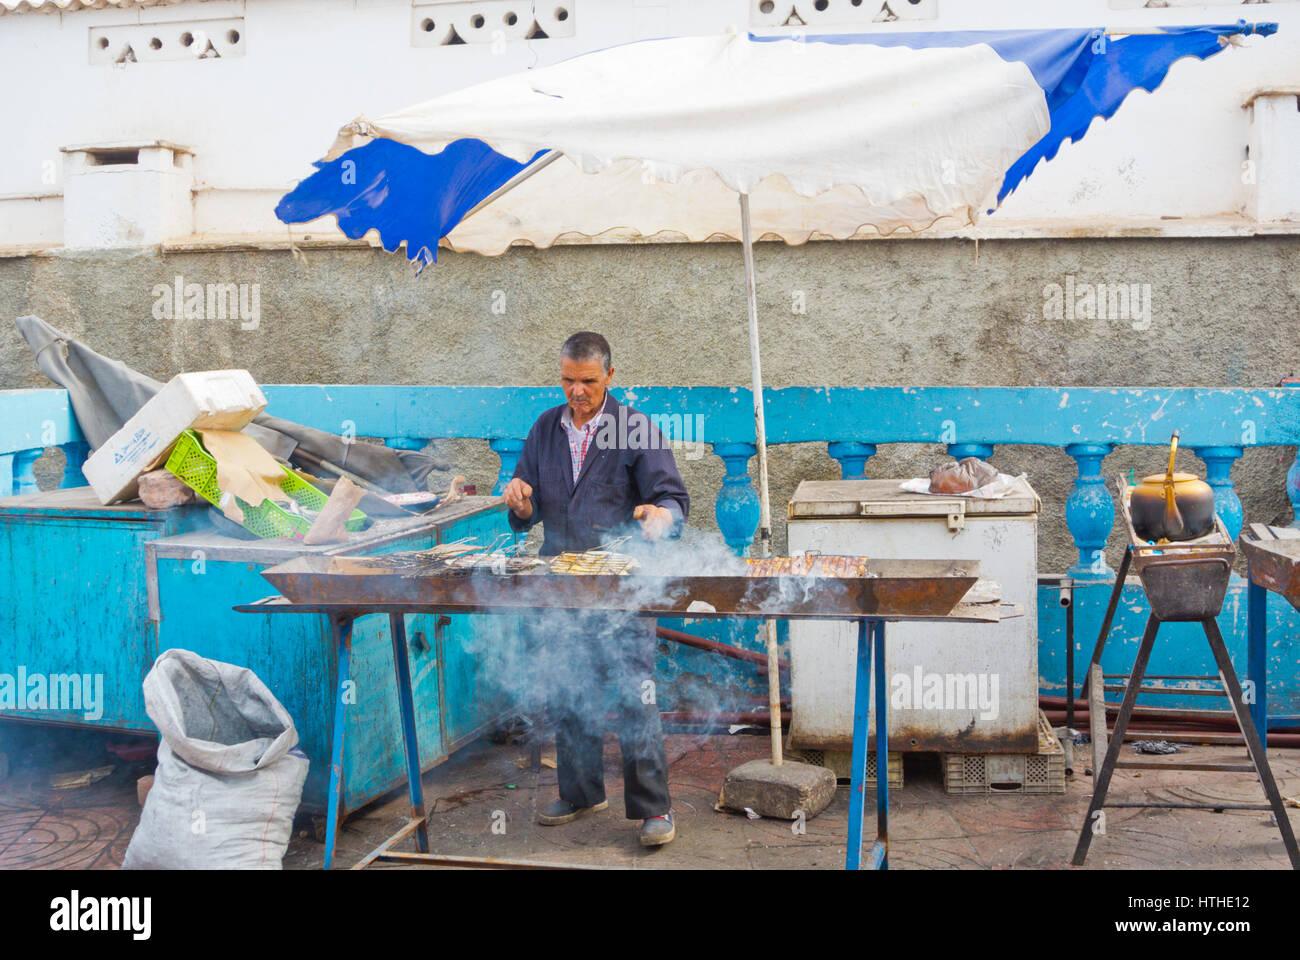 Mann, Grillen, Sardinen, kommunale Marche, Hauptmarkt, Sidi Ifni, Guelmim-Oued Region, Marokko Stockbild